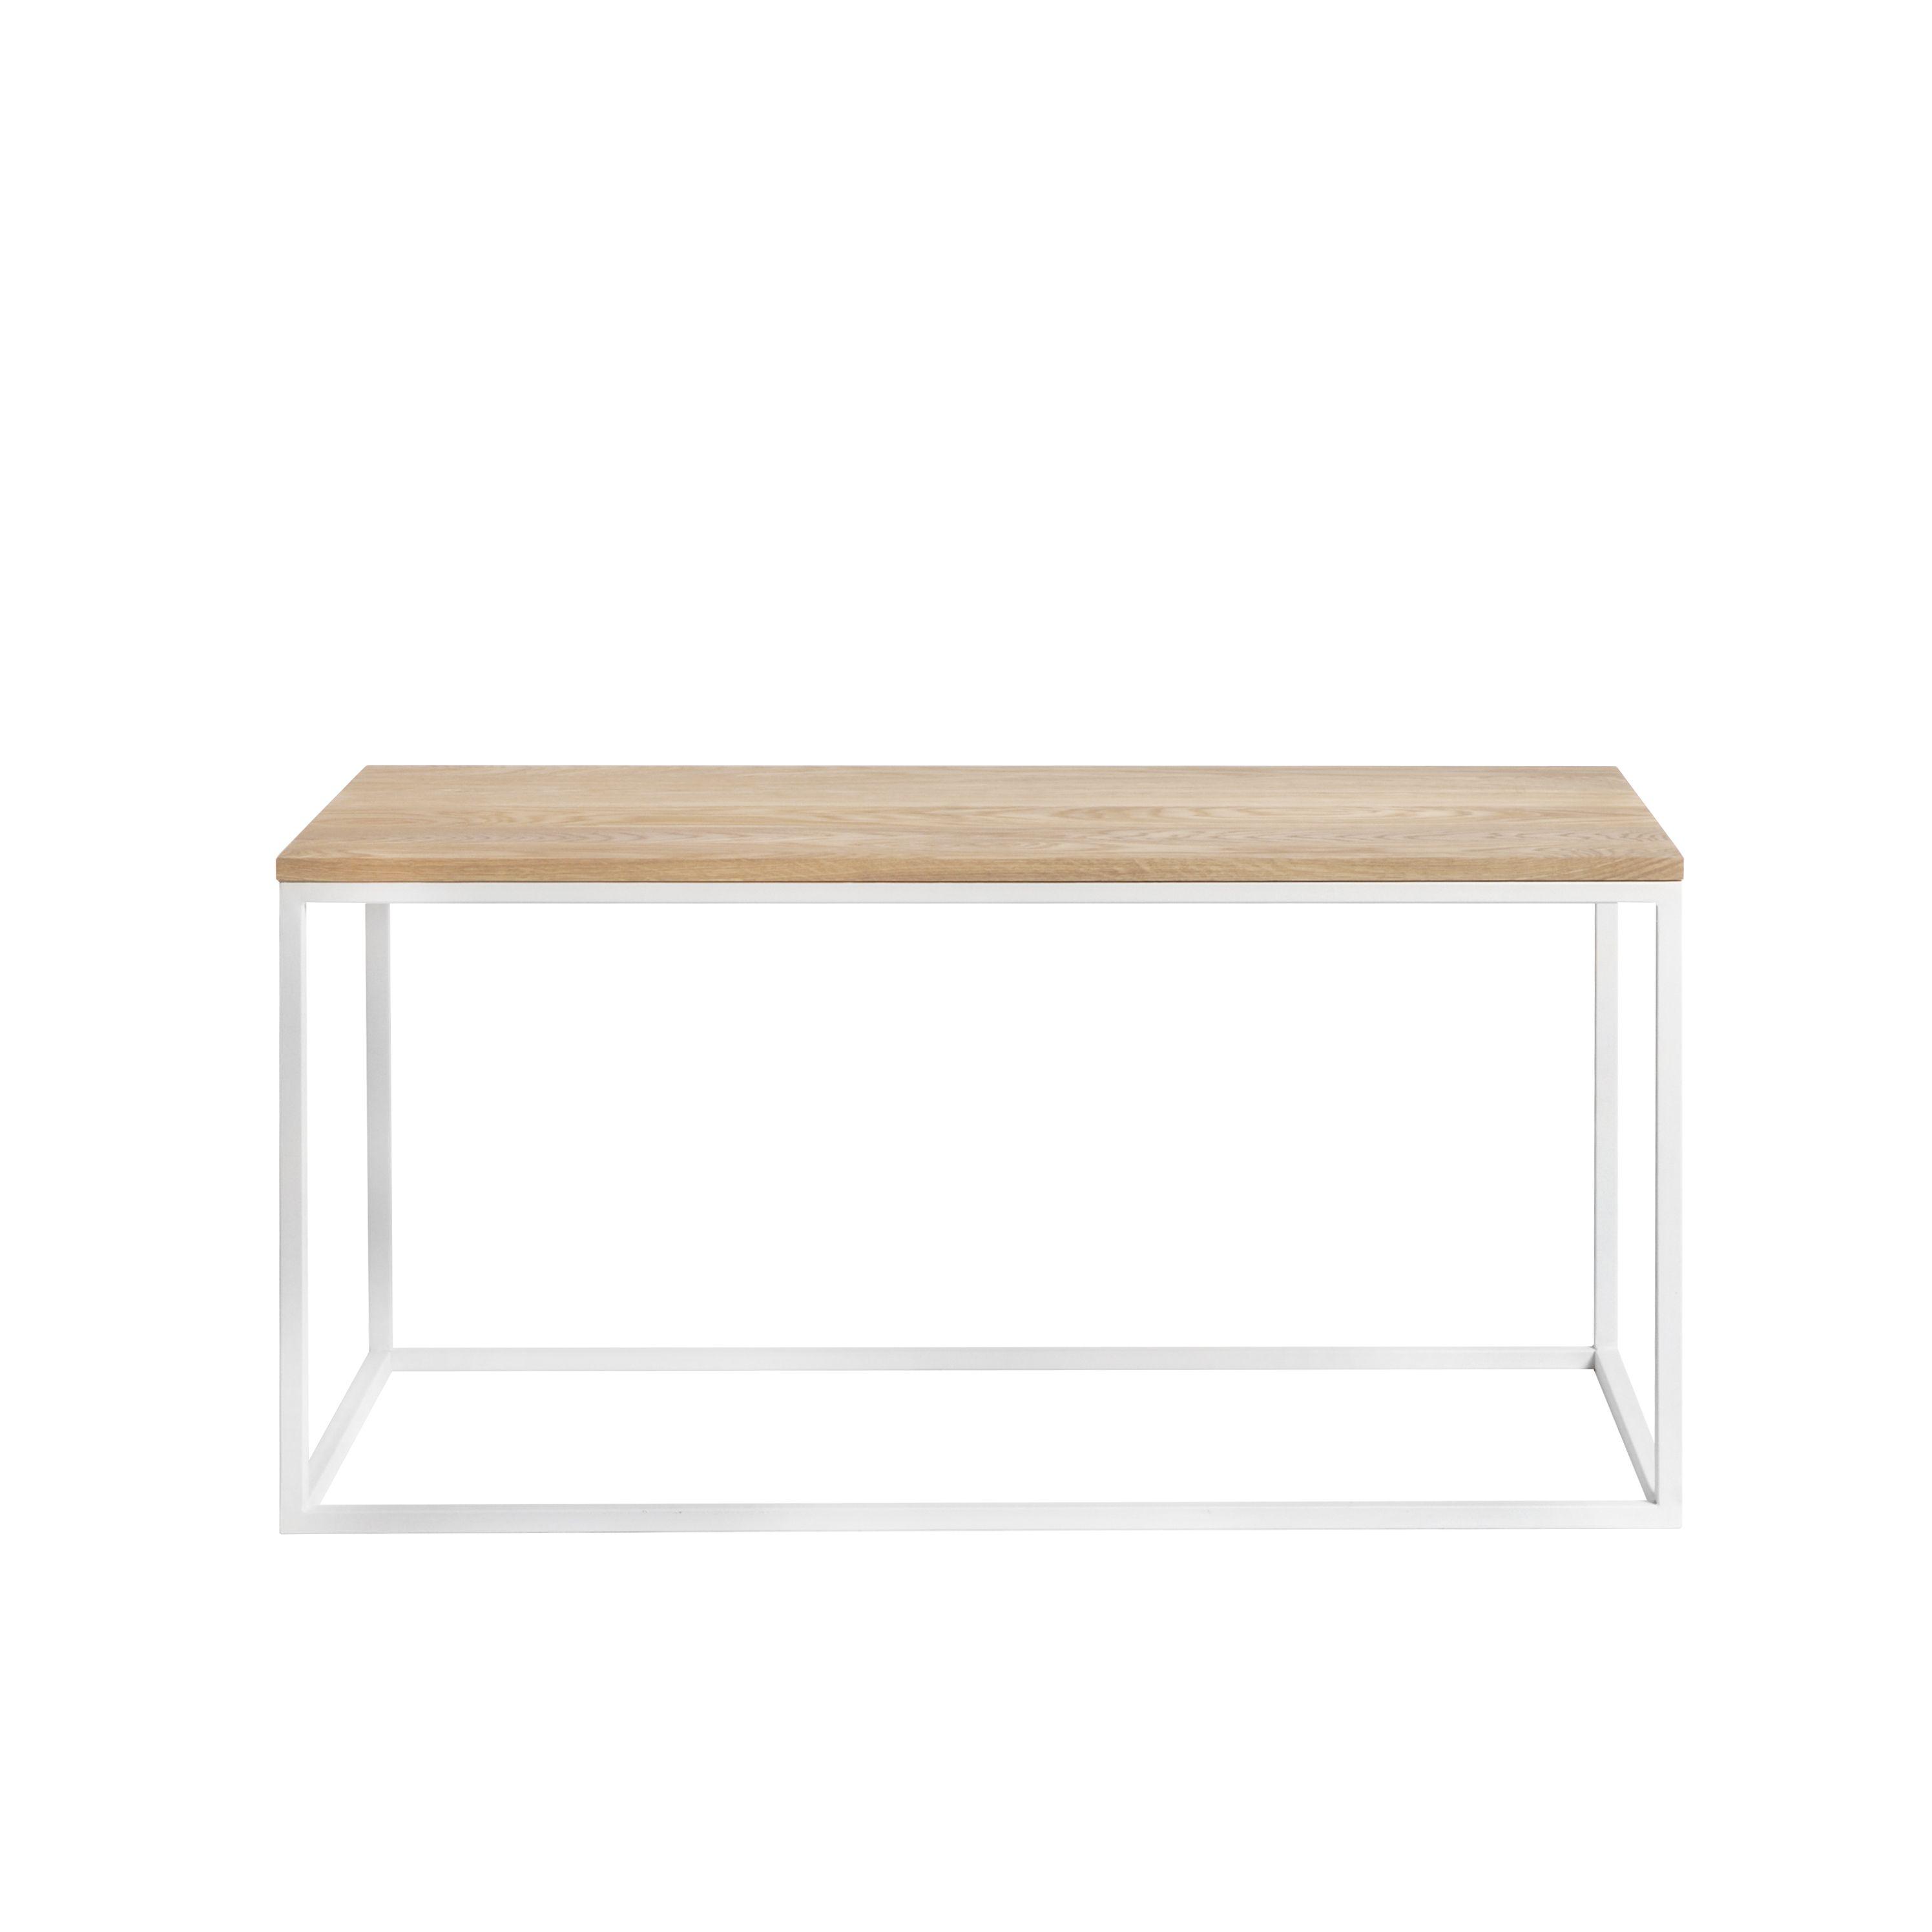 Журнальный/кофейный столик Darmian white, светлый дубЖурнальные столики<br><br>